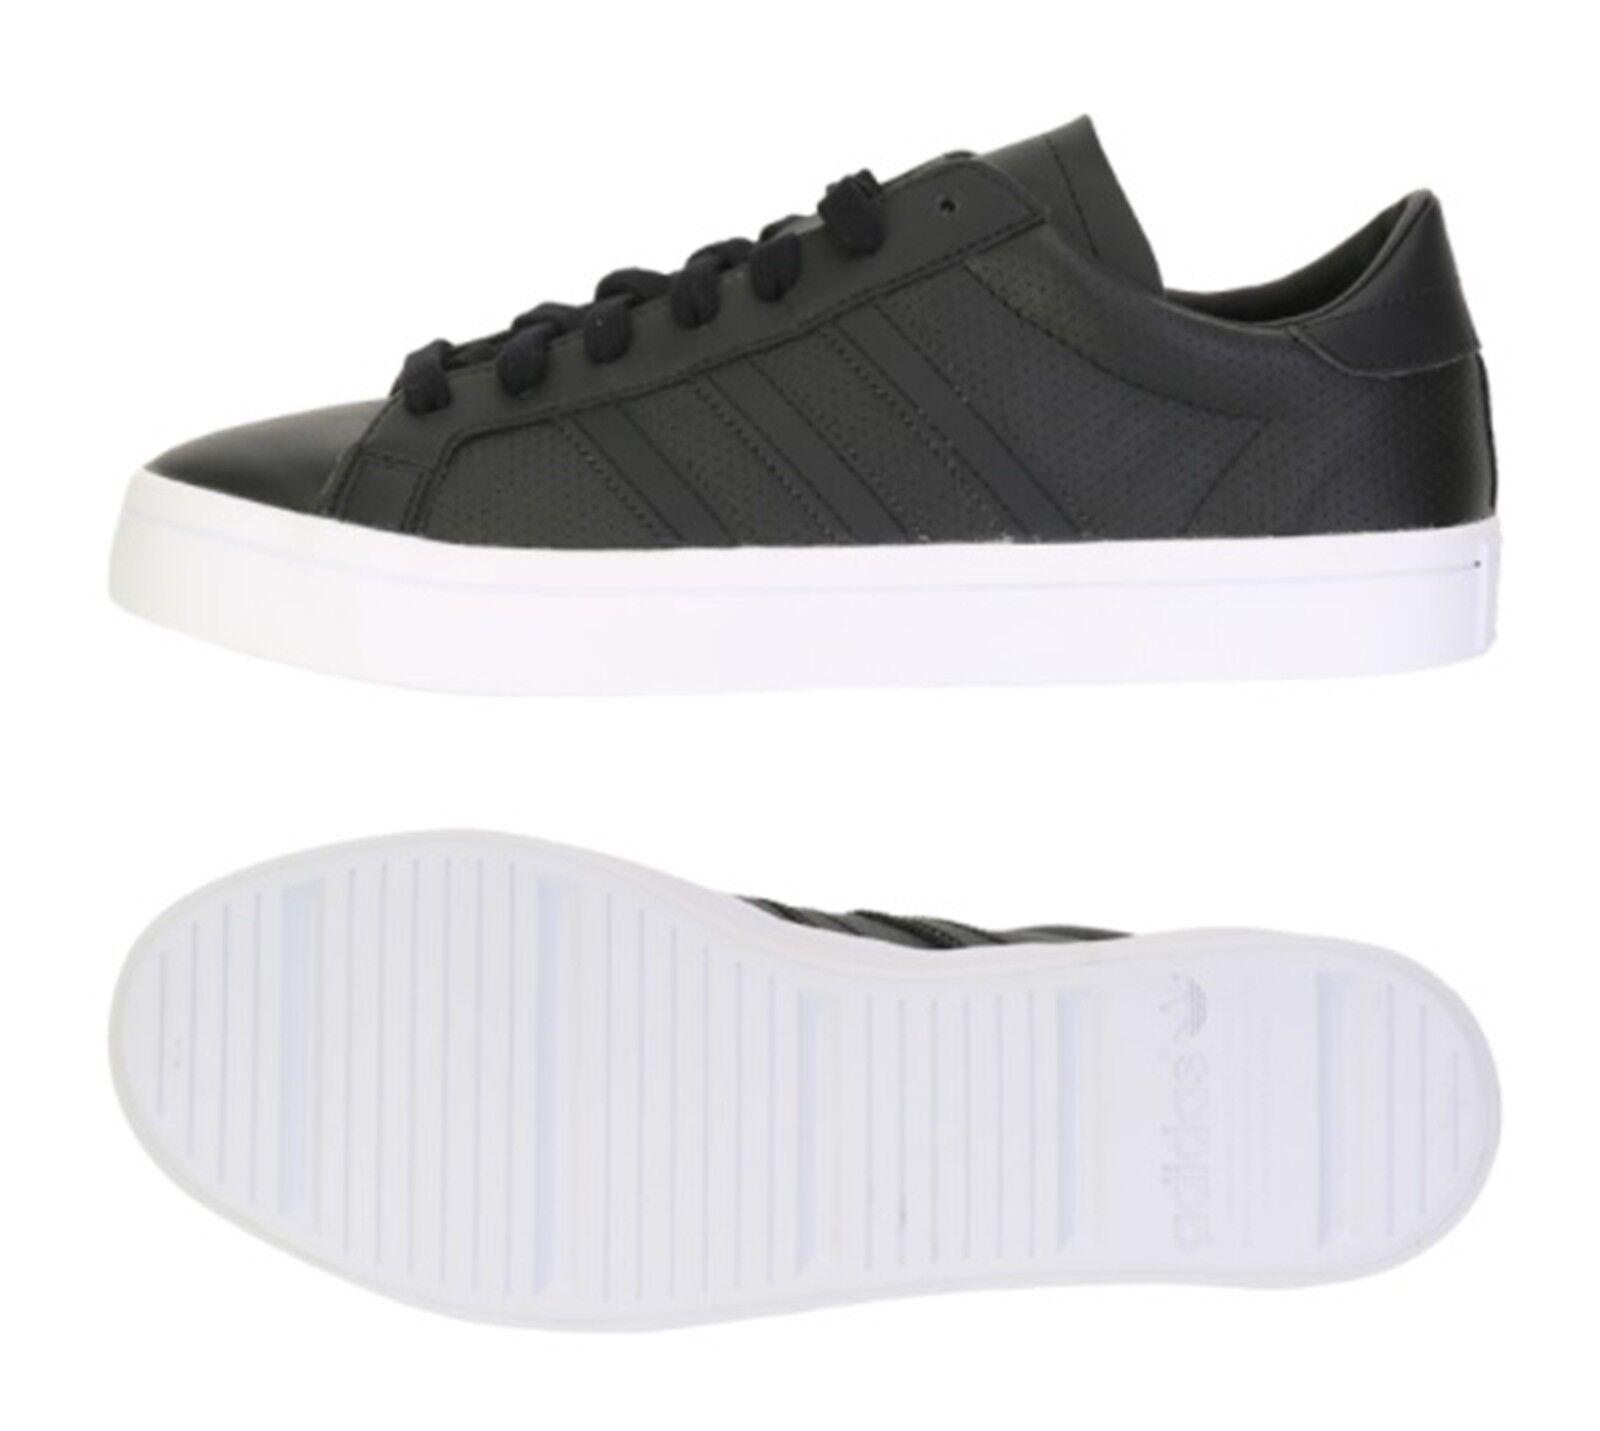 Adidas Hombre Originals Tribunal Vantage Entrenamiento Calzado Negro tenis de correr BZ0442